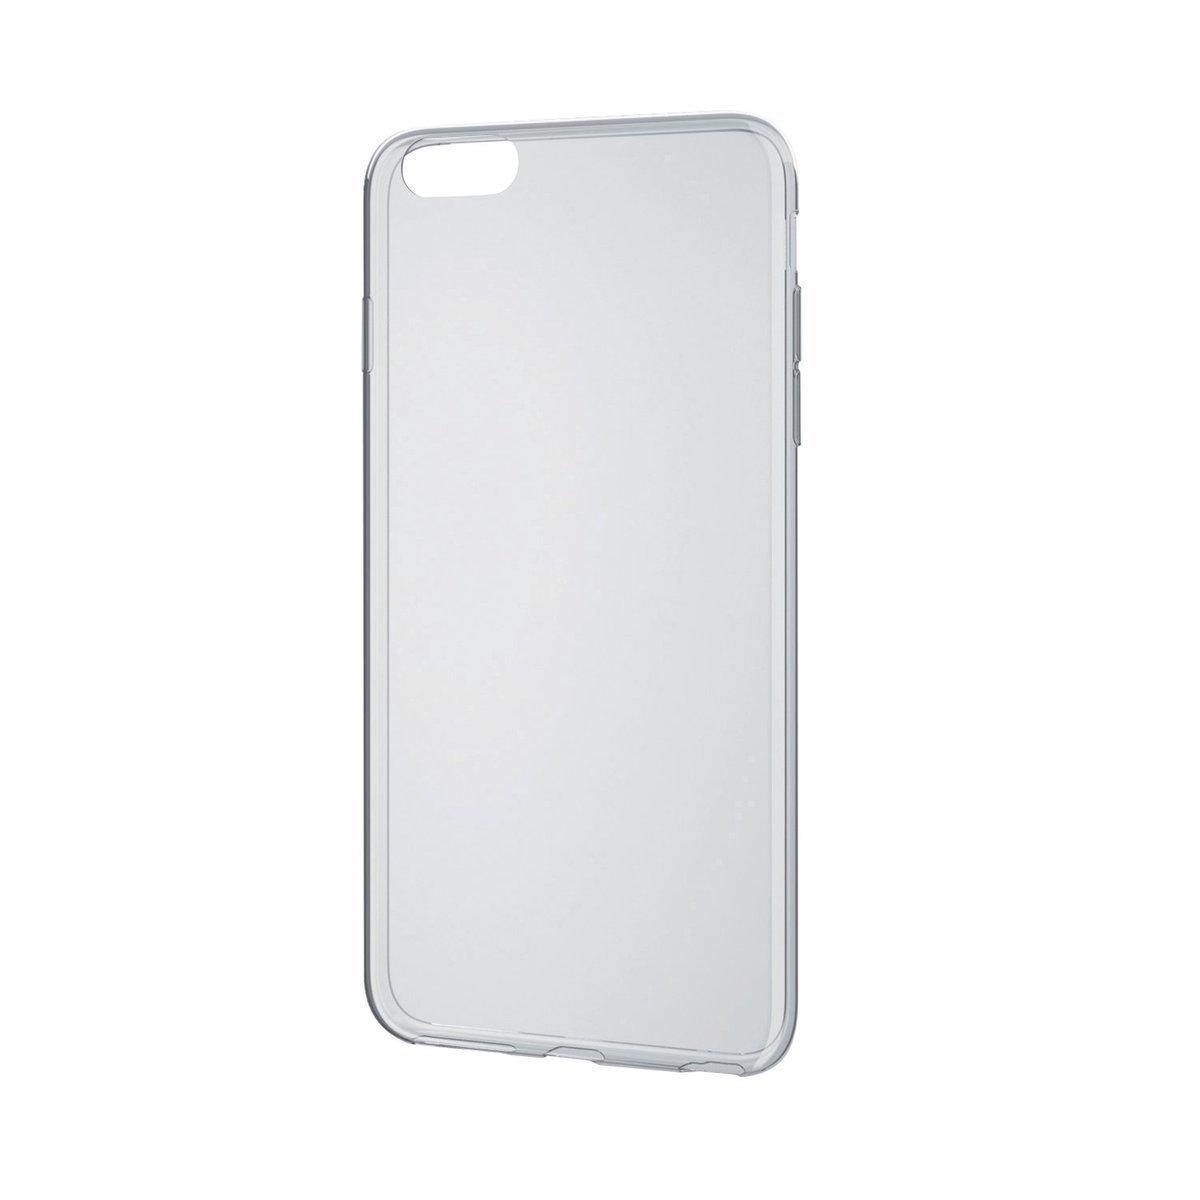 iPhone 6/6S Plus 薄型透明軟殼